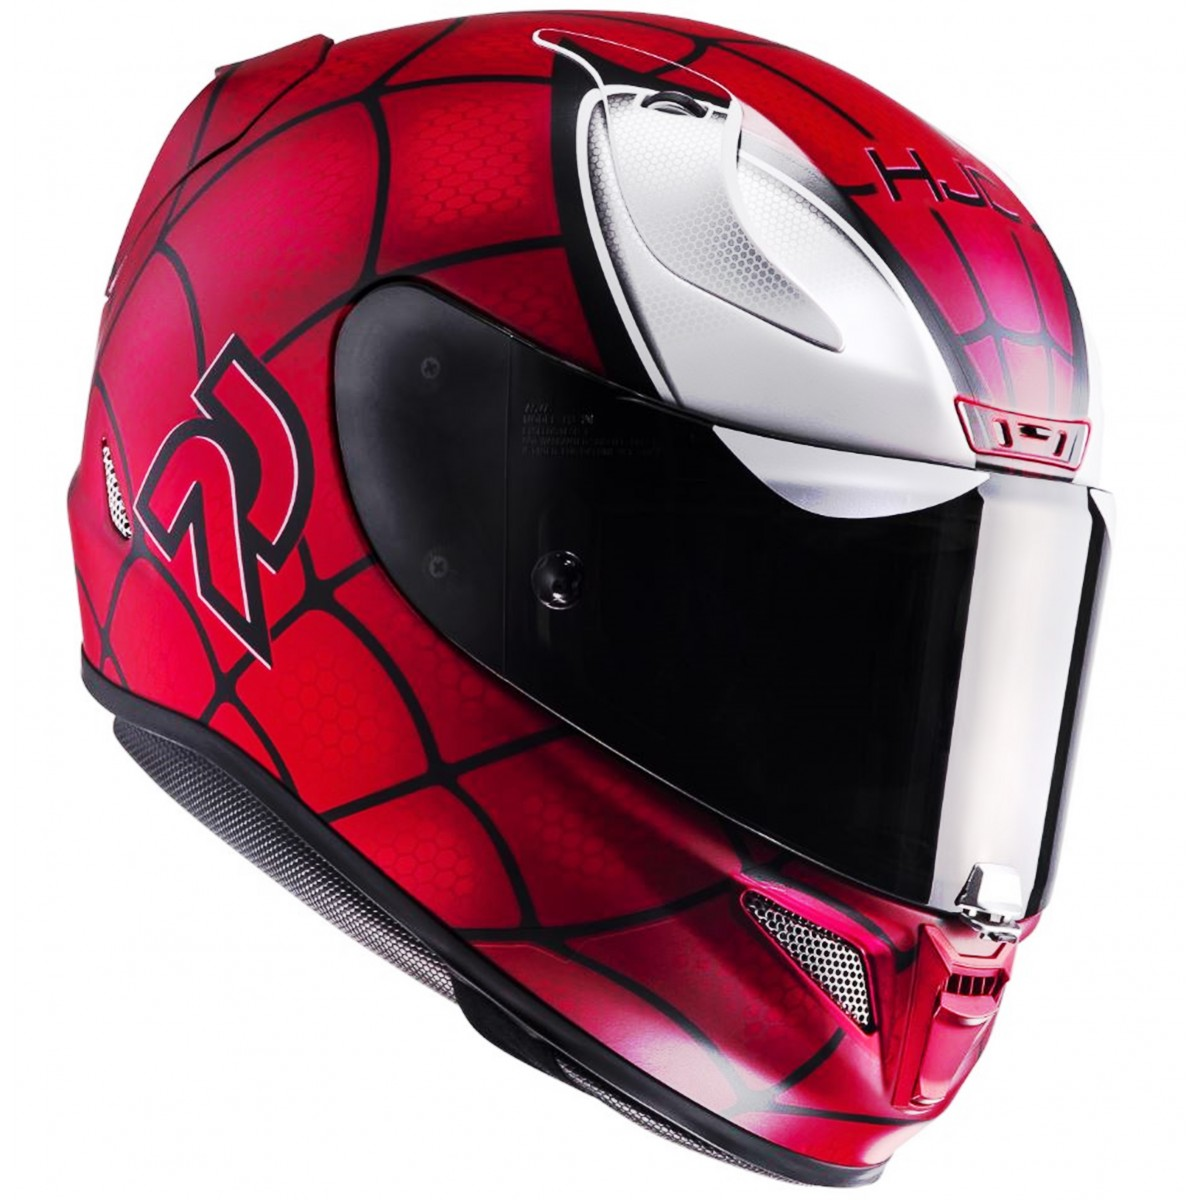 Casco Hjc Rpha Spiderman Rojo on 92 Integra Interior